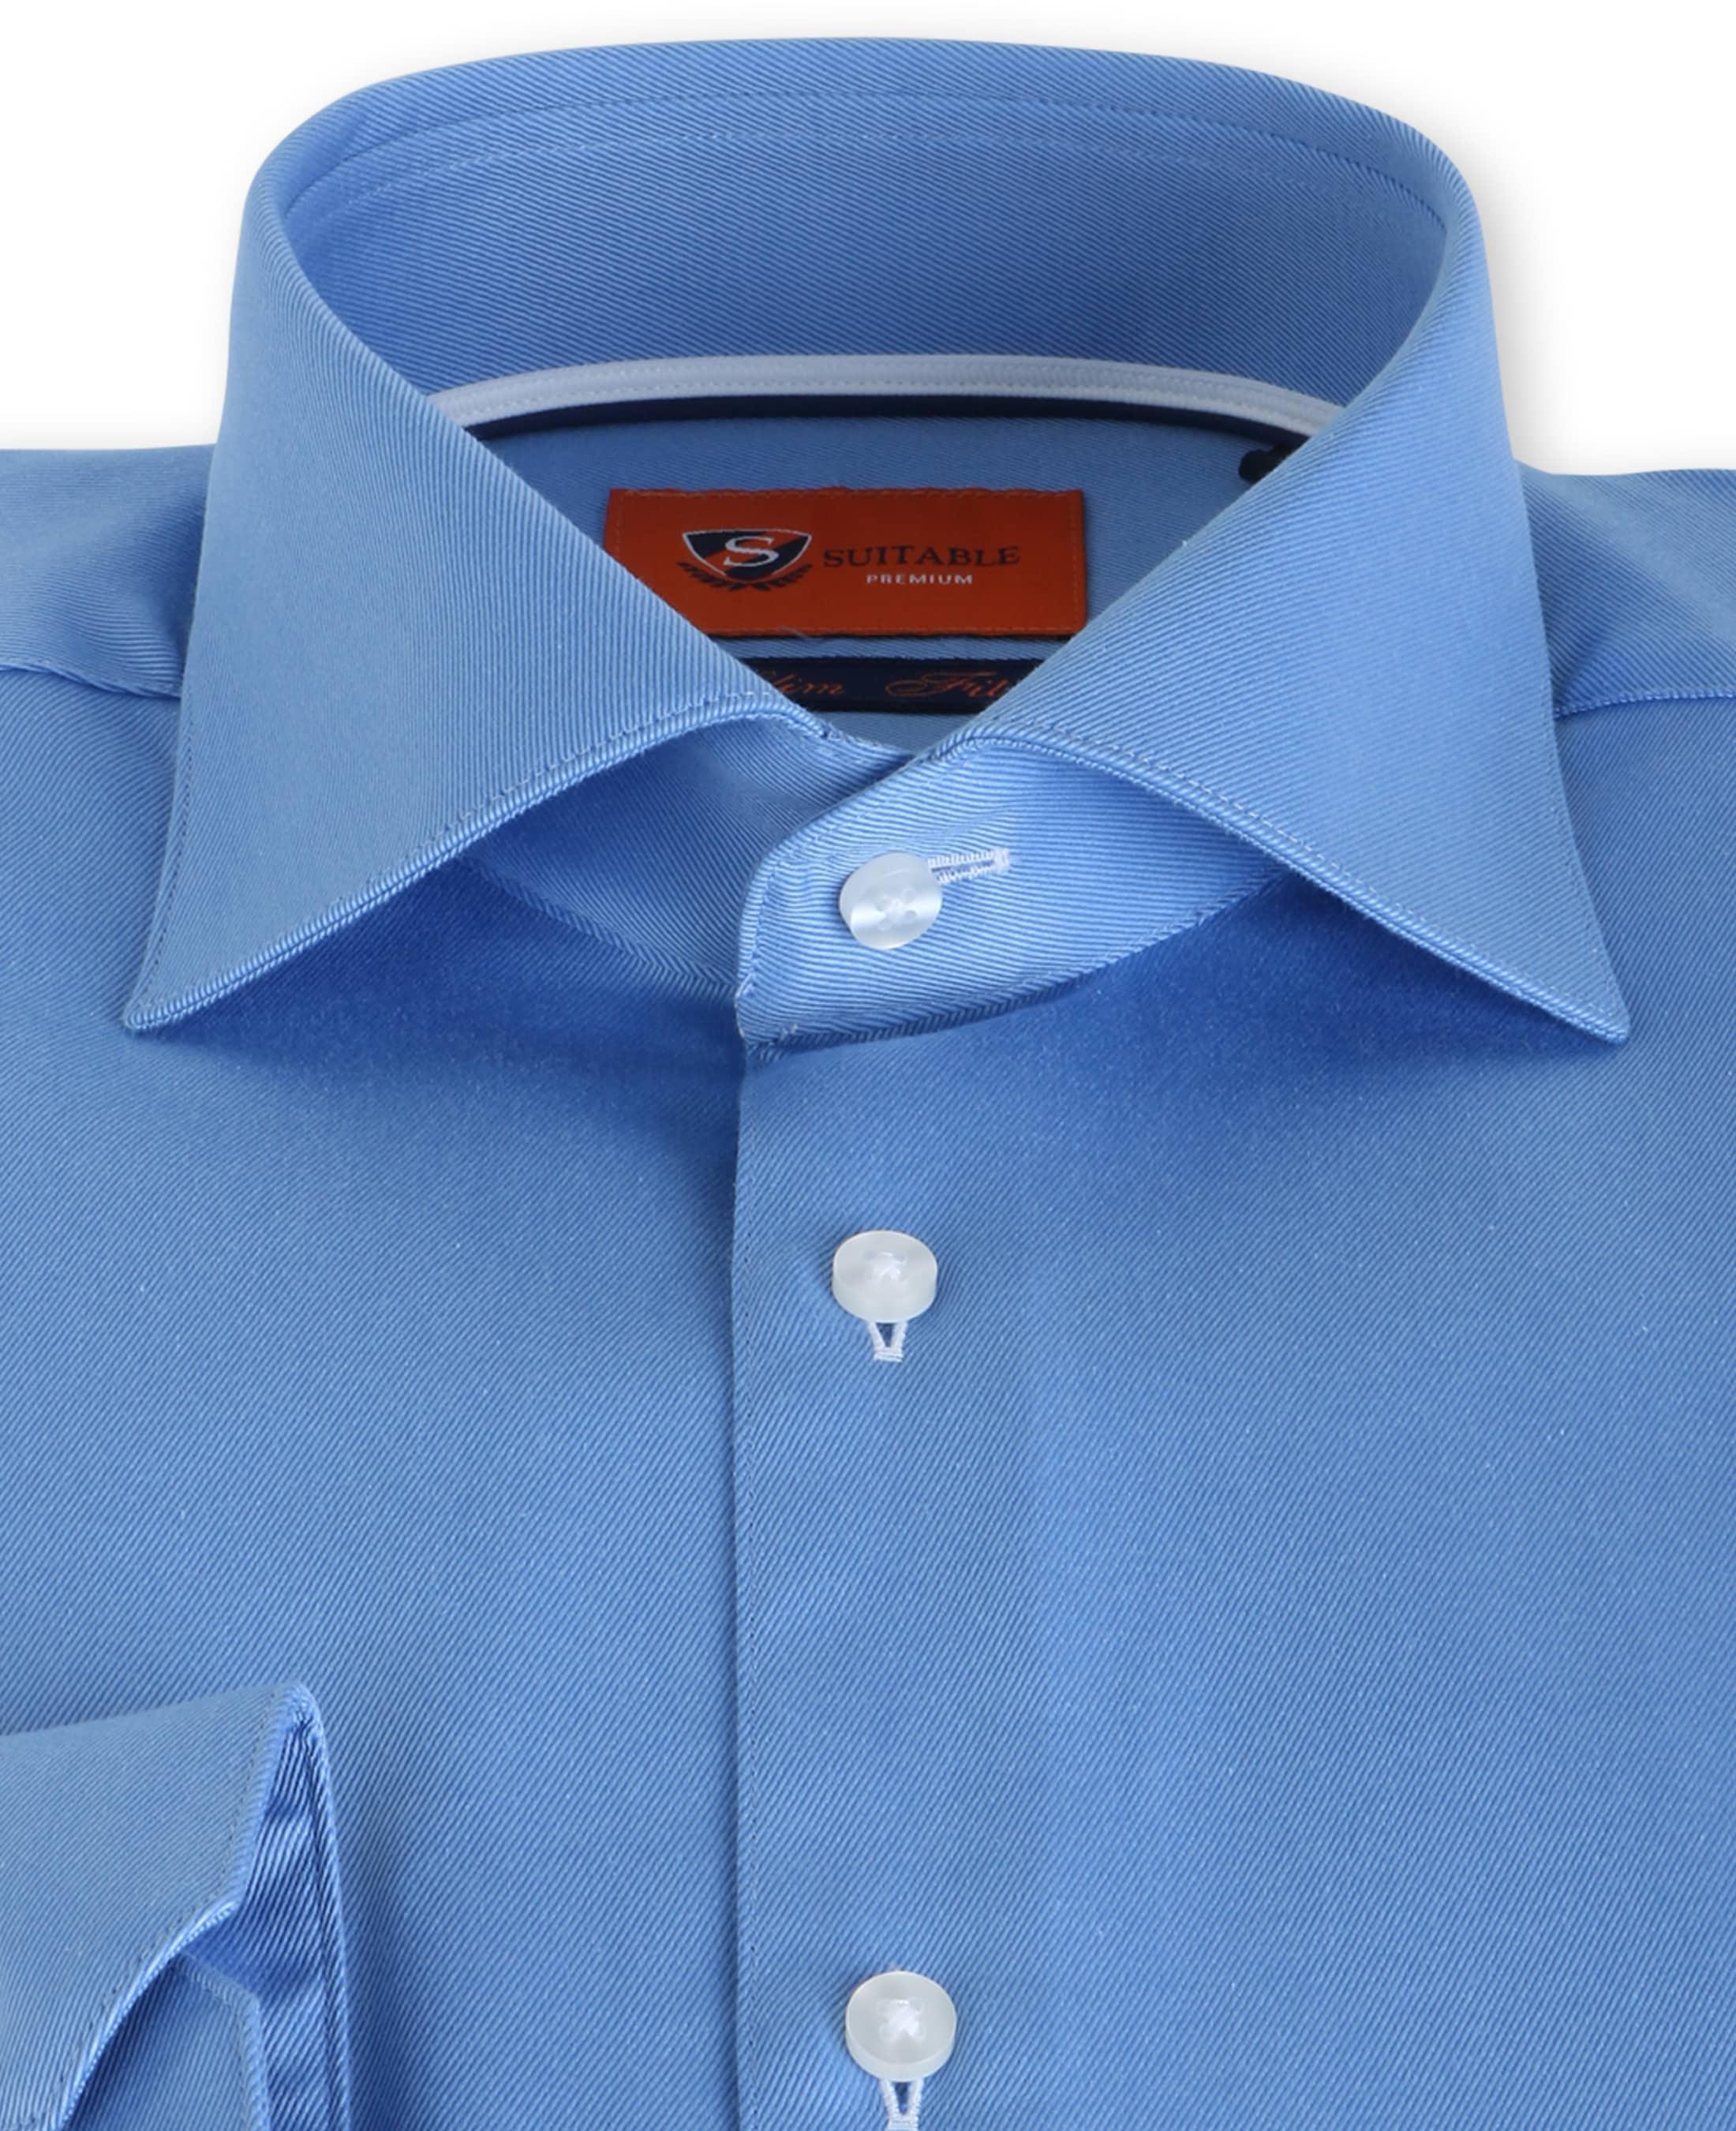 Suitable Blue Shirt Slim Fit DR-02 foto 2